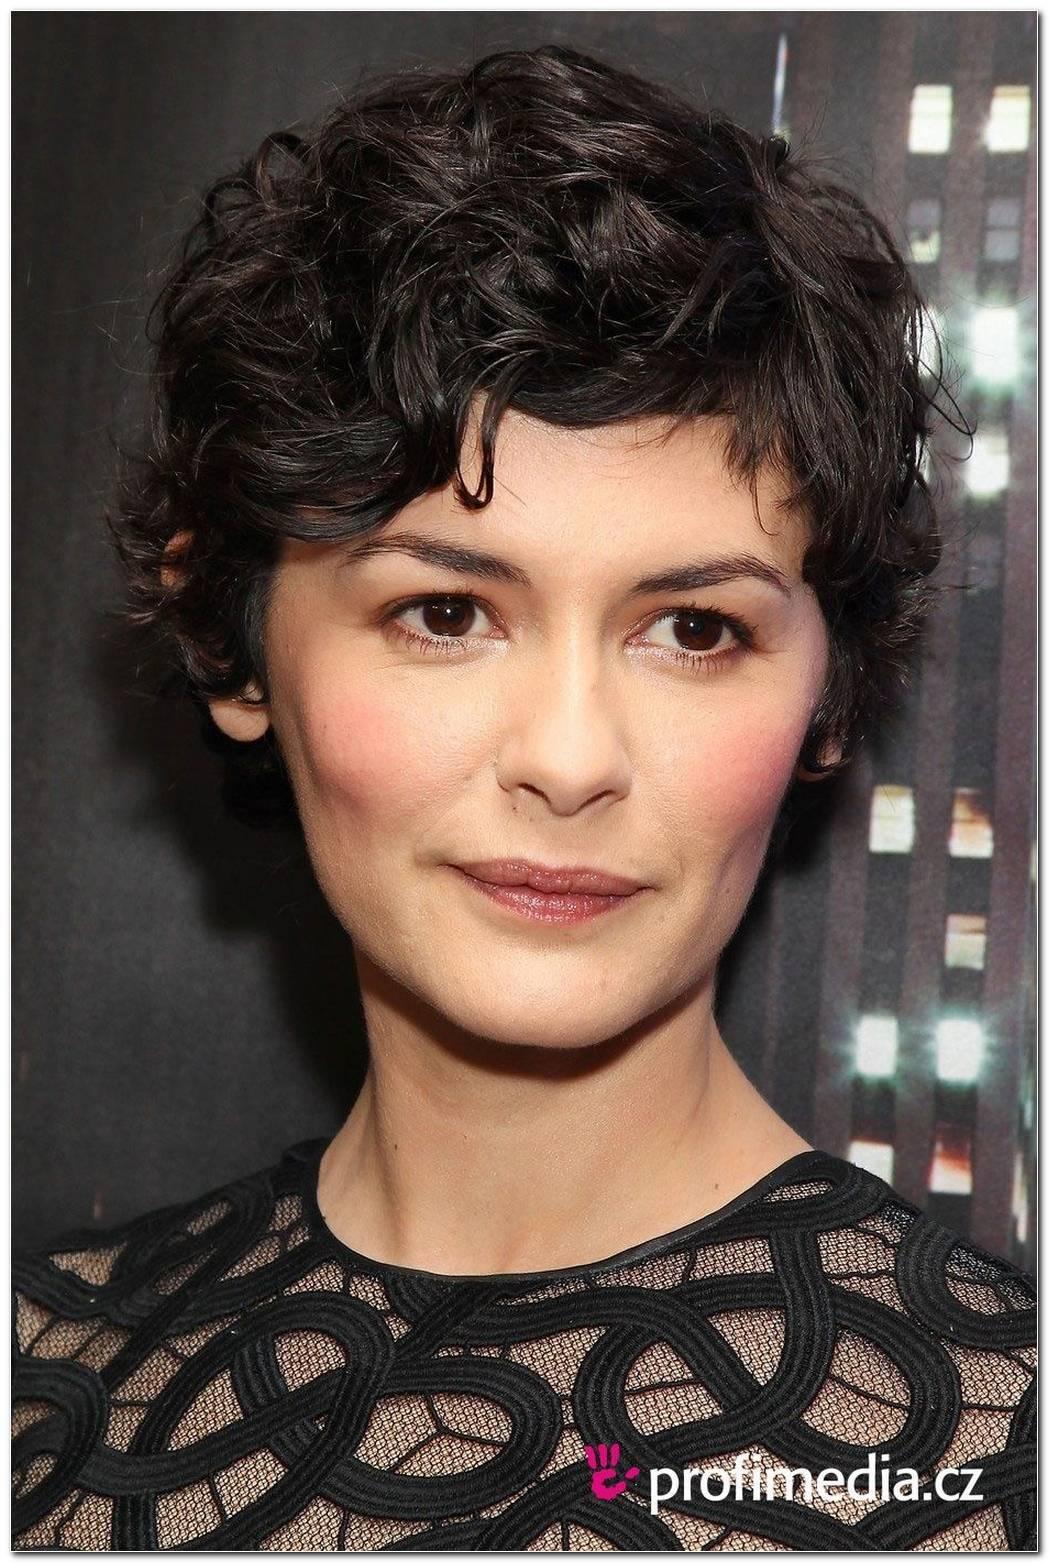 Audrey Tautou Frisur